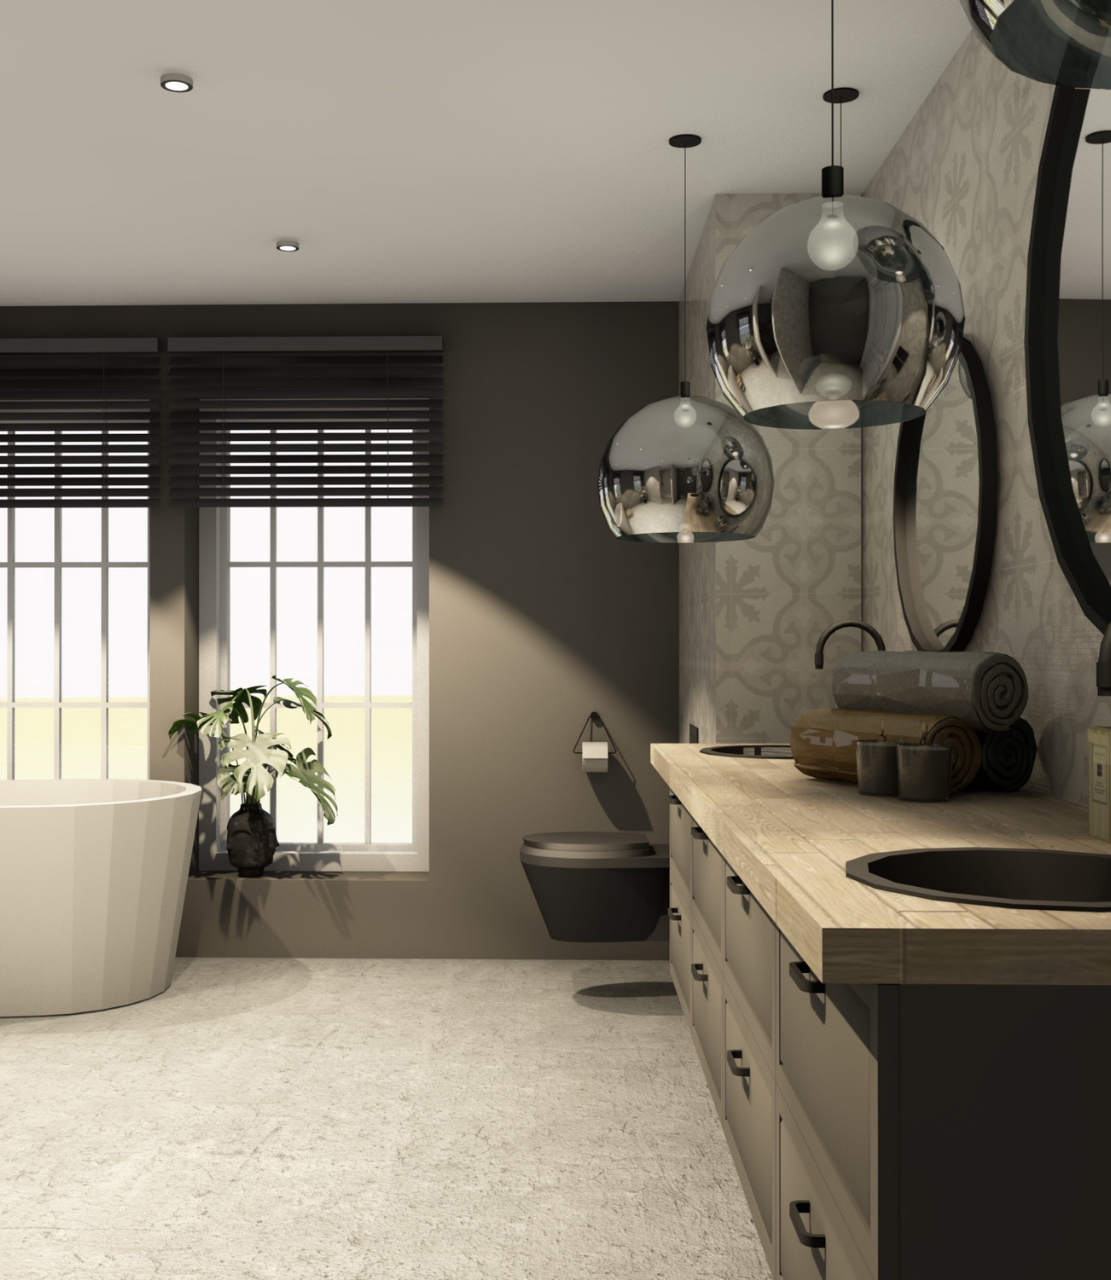 baderom med badekar, vask og belysning